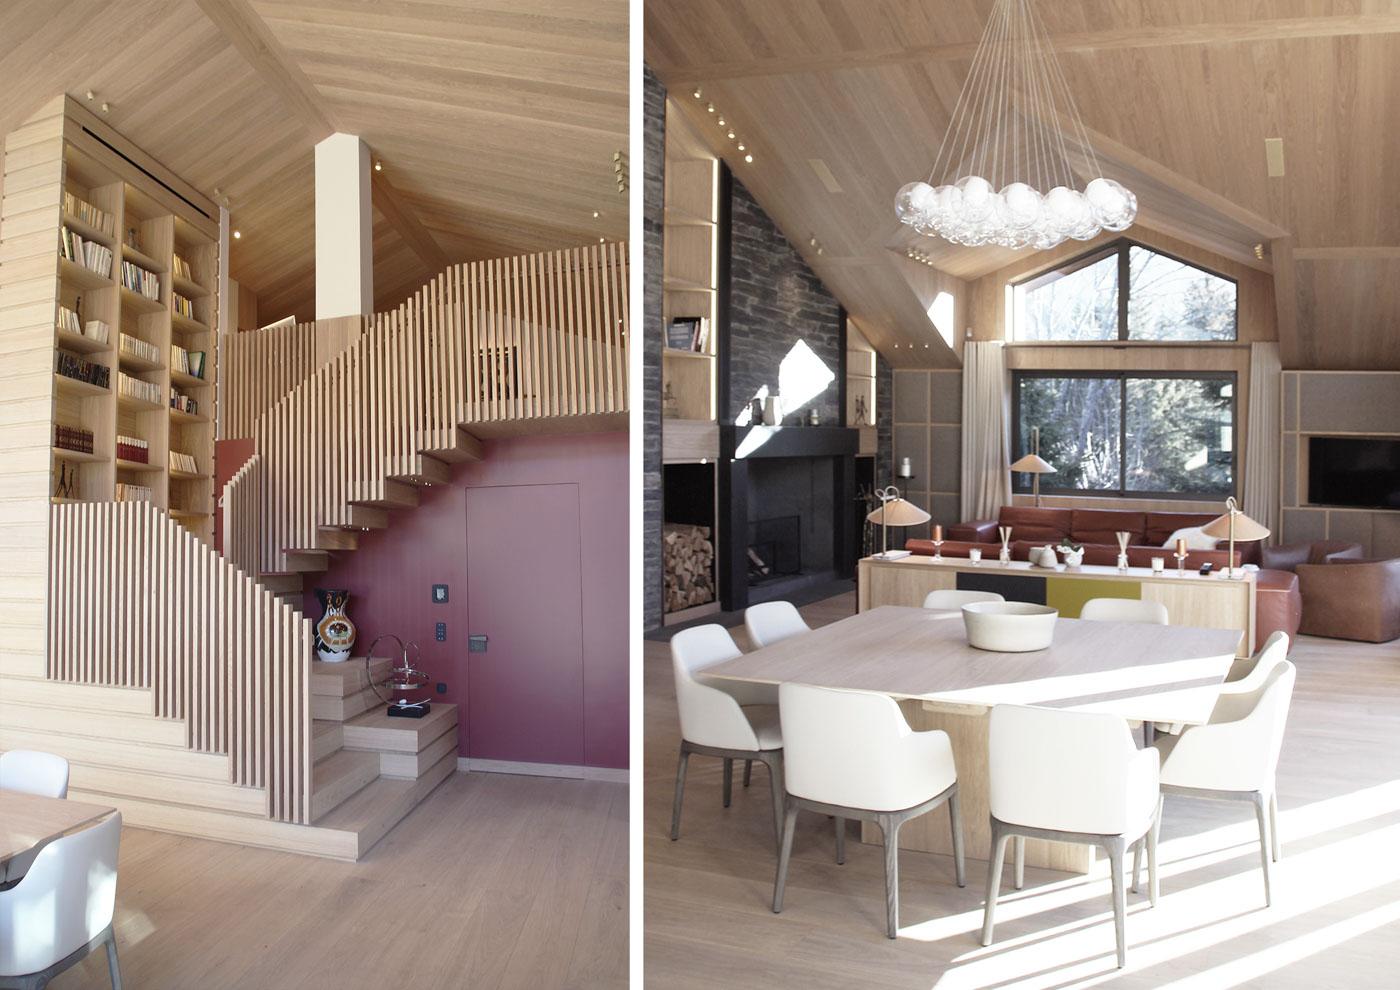 olivier gossart architecte d 39 int rieur paris chalet n courchevel 1650. Black Bedroom Furniture Sets. Home Design Ideas